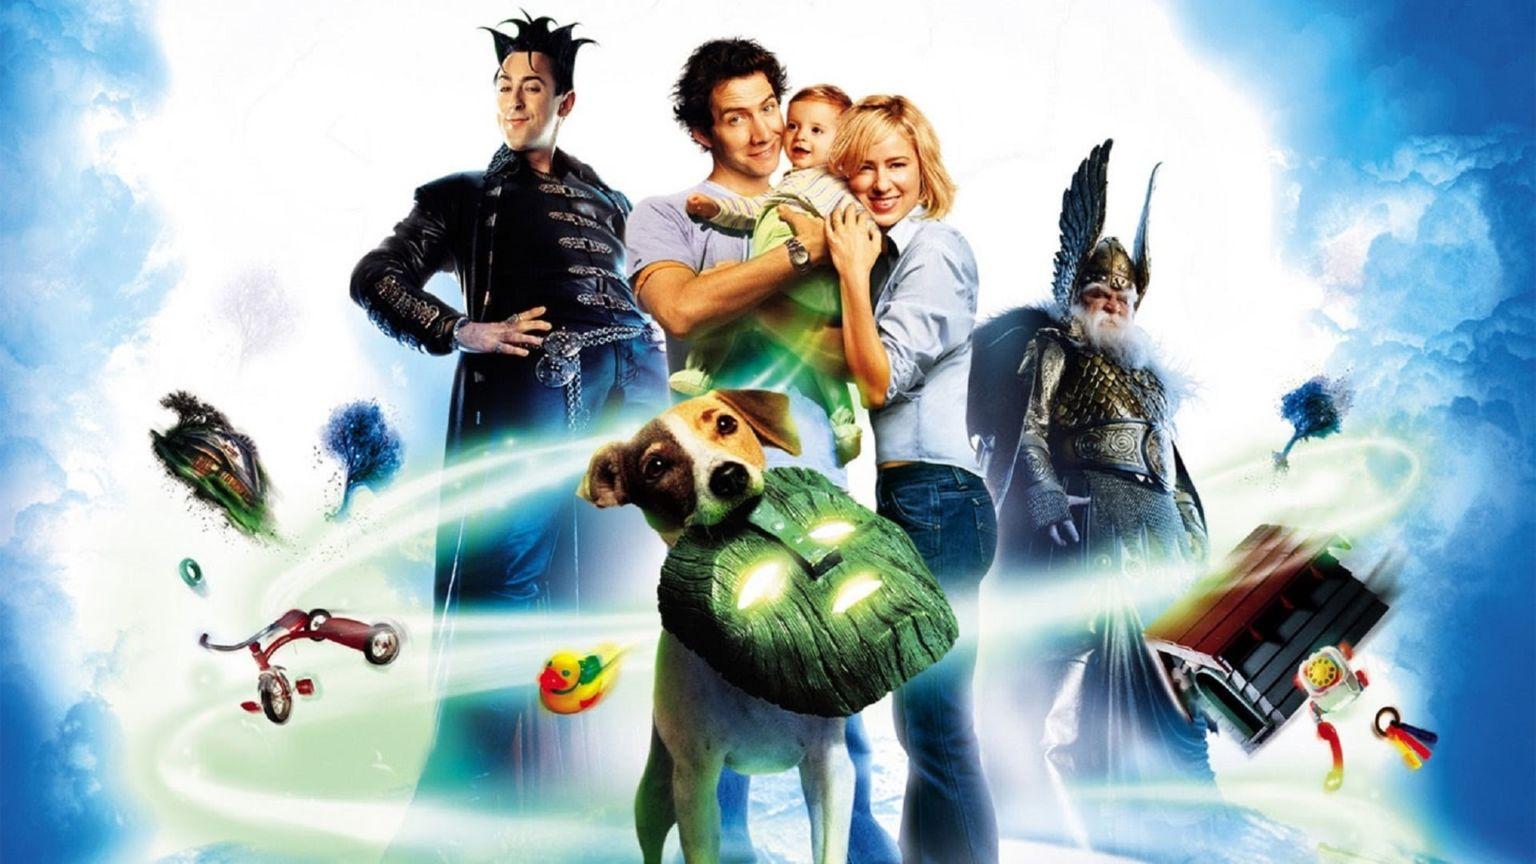 দেখে নিন সর্বকালের সেরা কমেডি মুভি The Mask & Son Of The Mask (2005)মুভি সিরিজ ডুয়াল অডিও (হিন্দি ডাবিং) সহ!